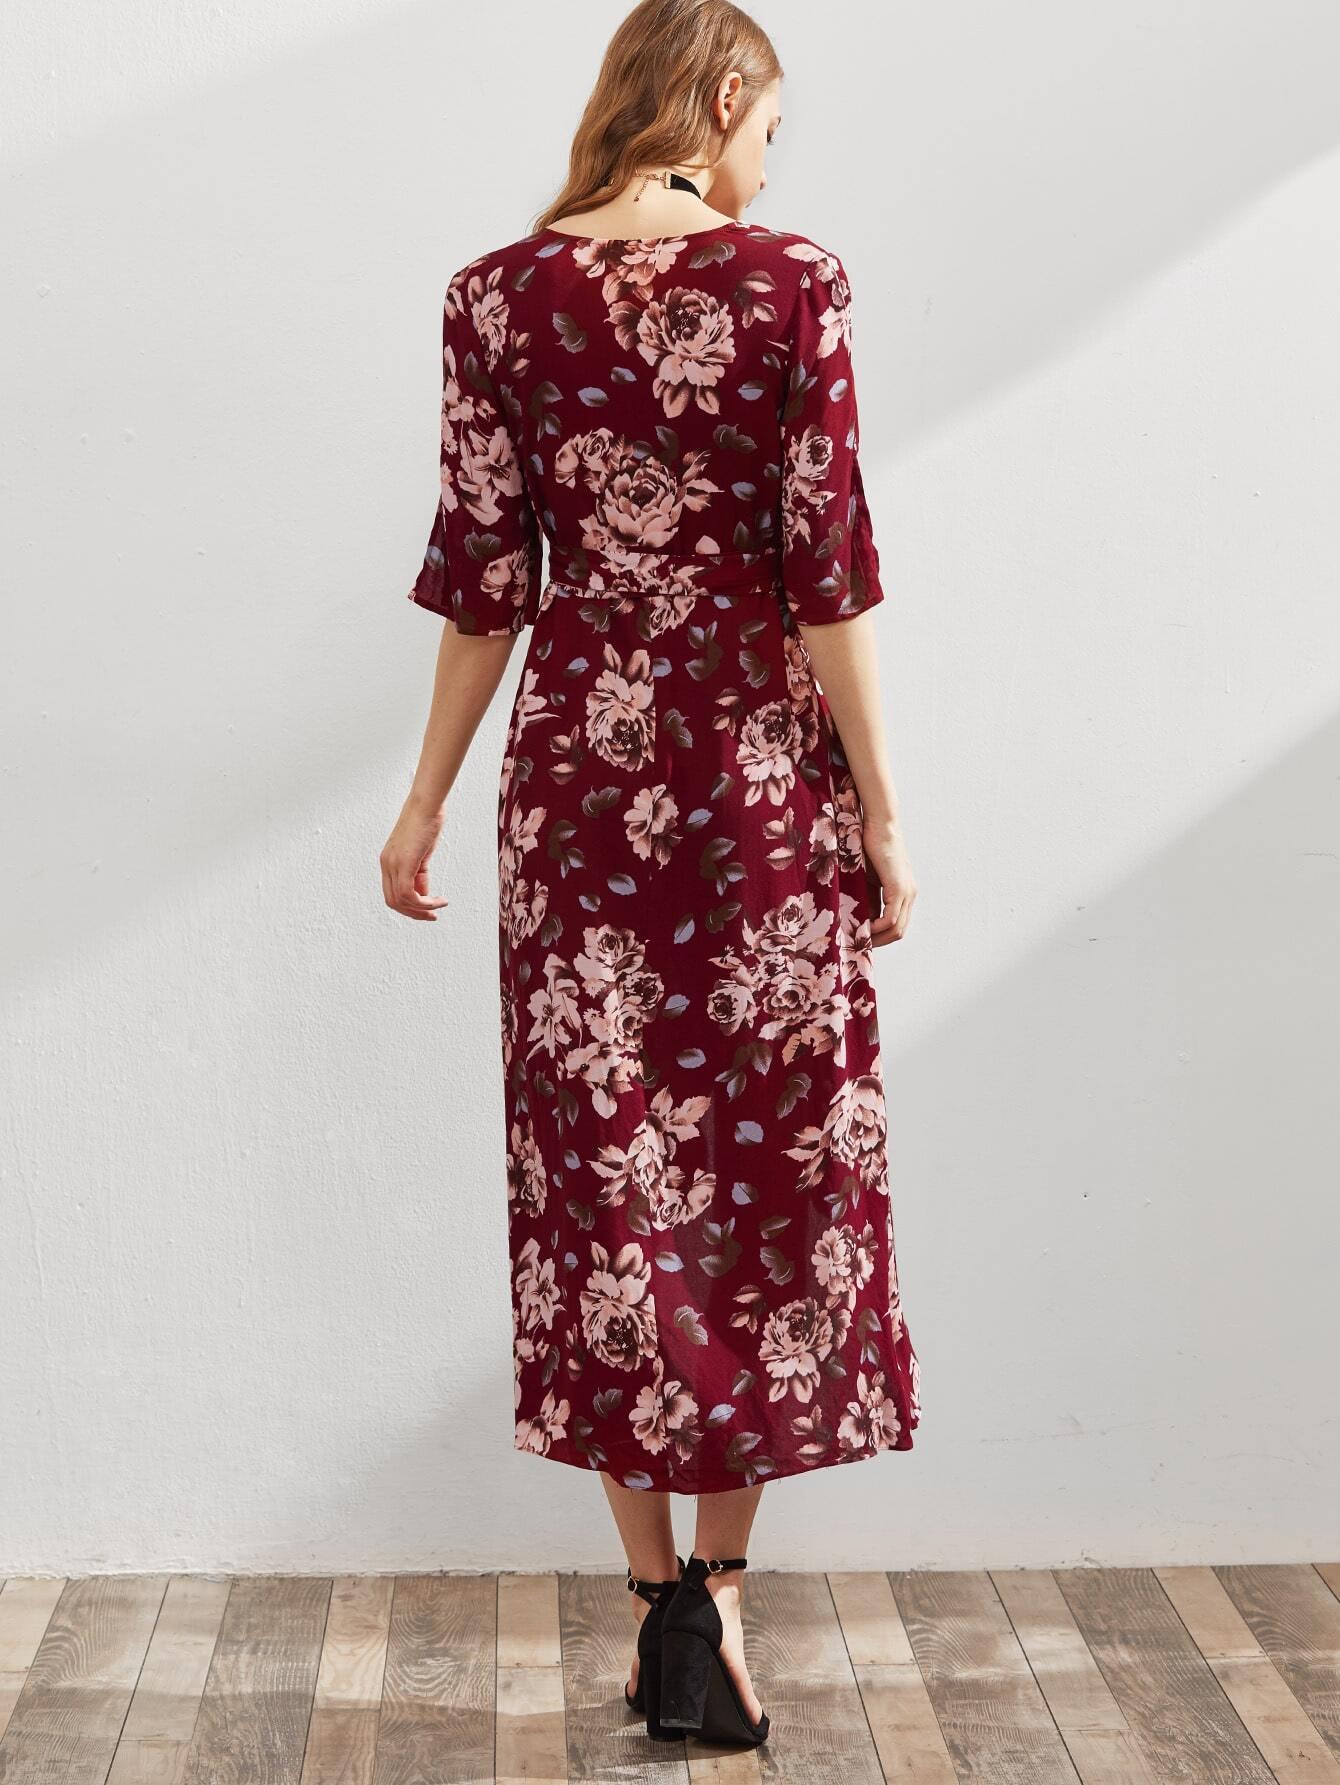 robe manche fendue imprimee des fleurs avec un lacet With affiche chambre bébé avec robe fleur rouge